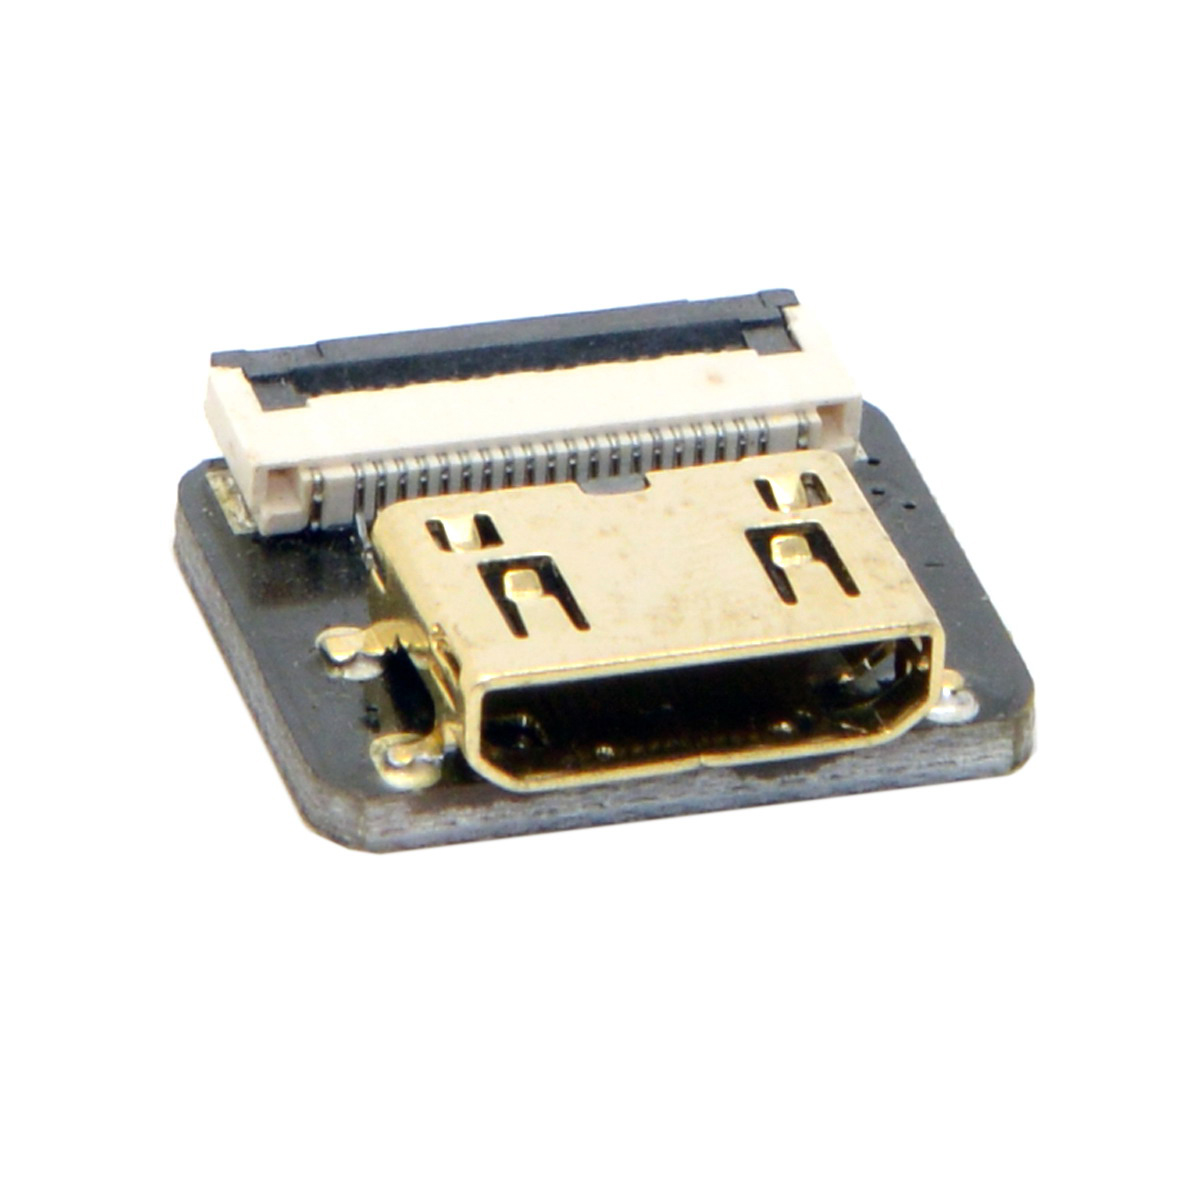 10 pcs/lot Cablecc CYFPV Mini HDMI Type C connecteur femelle prise pour FPV HDTV Multicopter photographie aérienne CN-017-FE